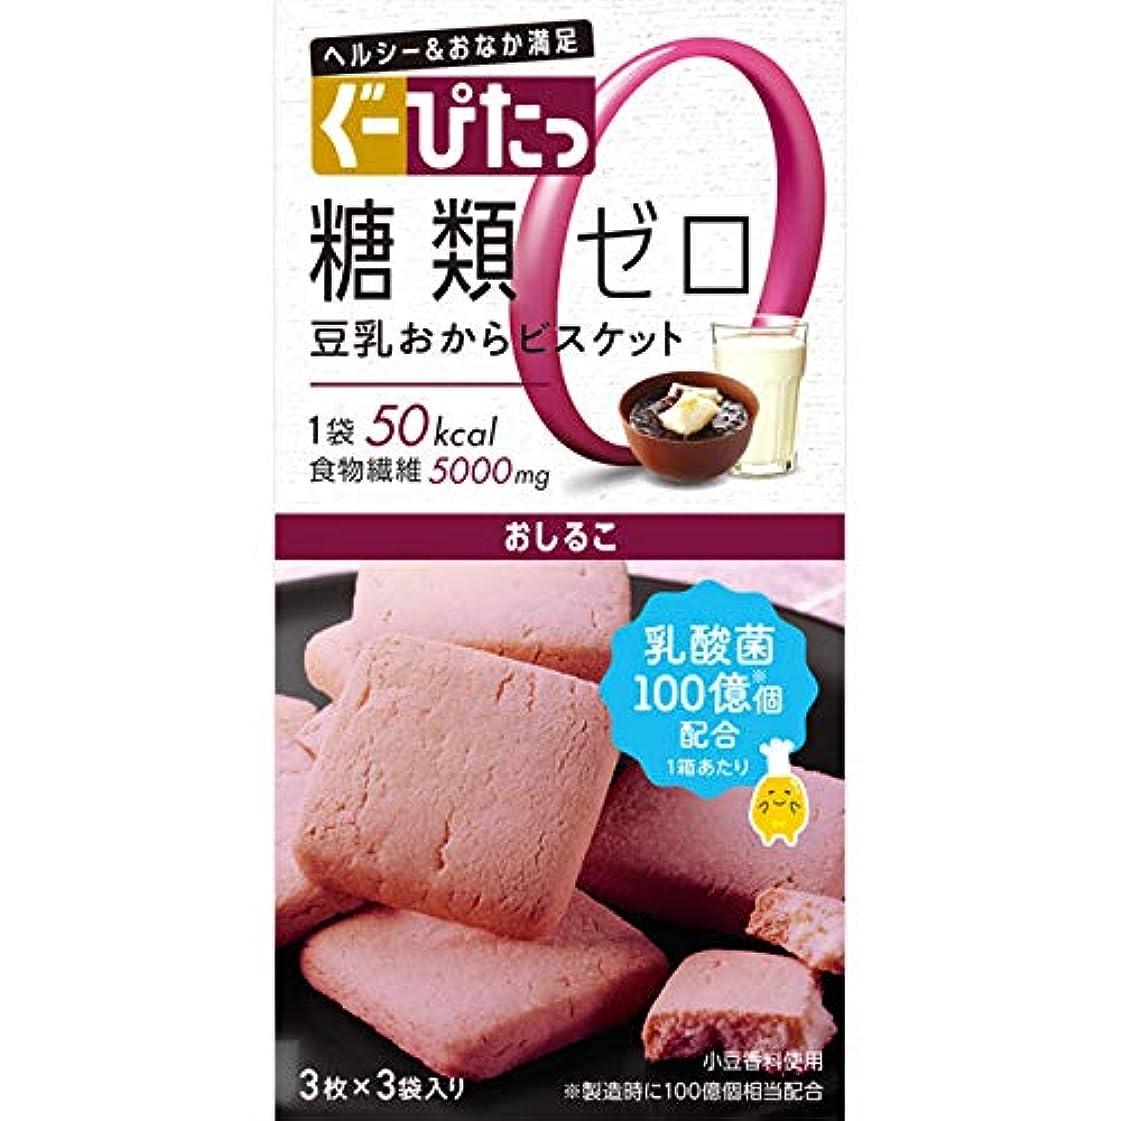 マーケティングコーラス遠洋のナリスアップ ぐーぴたっ 豆乳おからビスケット おしるこ (3枚×3袋) ダイエット食品